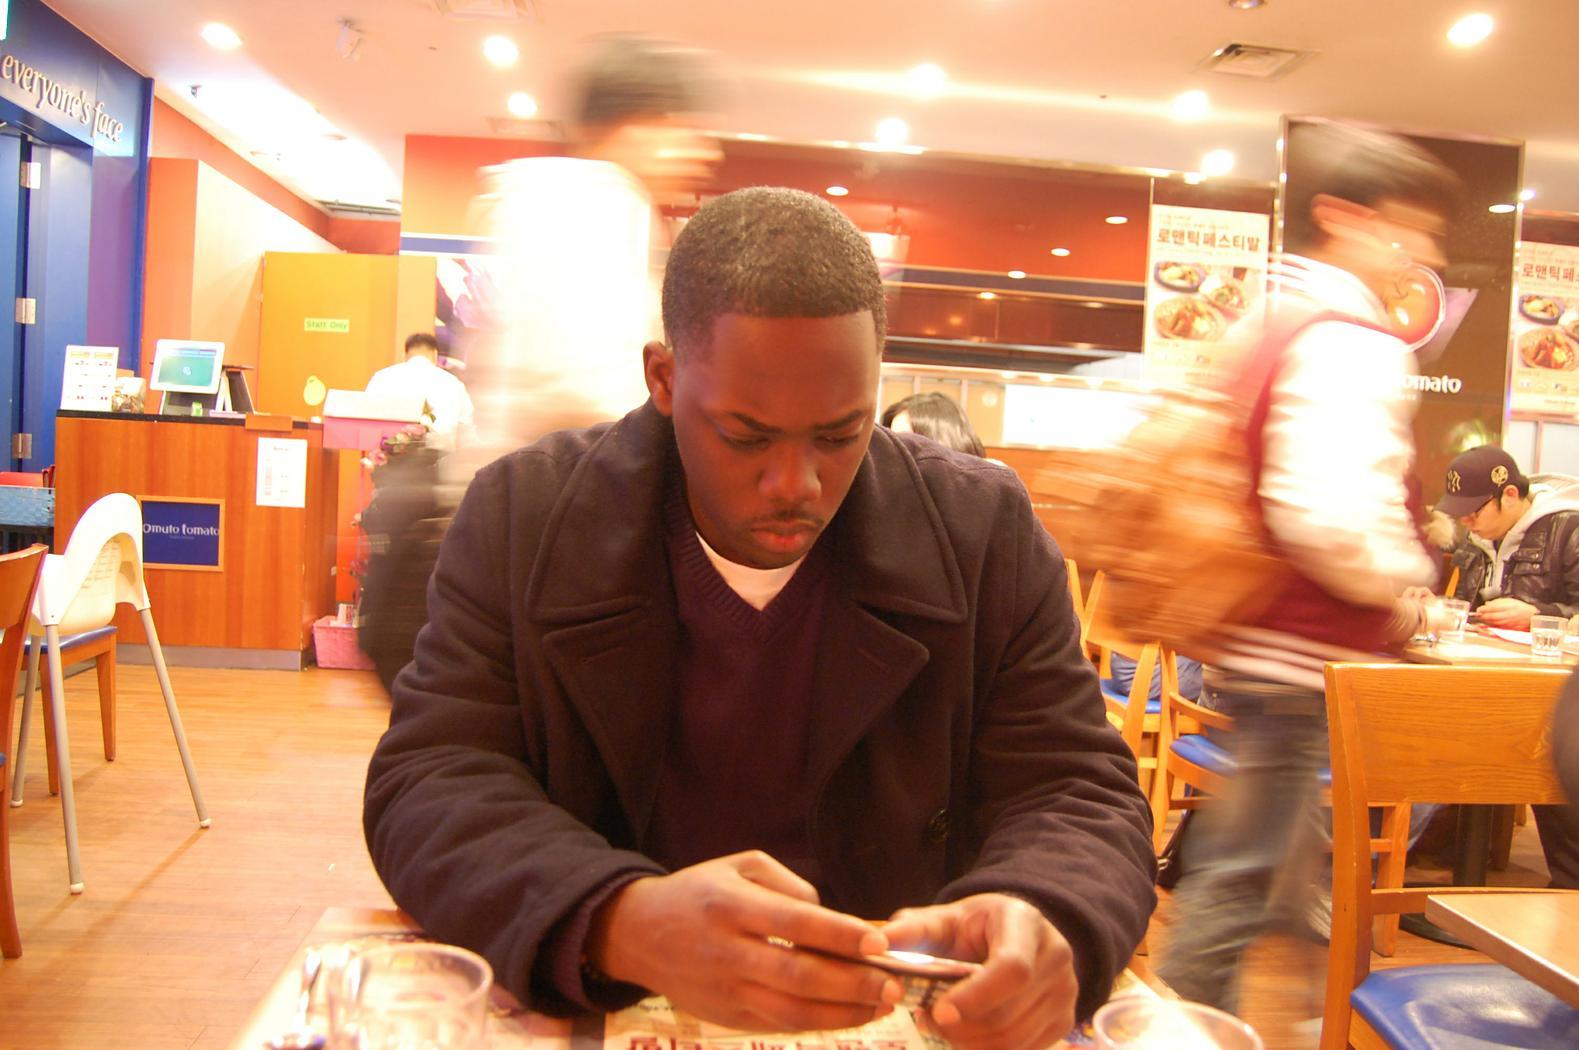 Khalid Goodwin